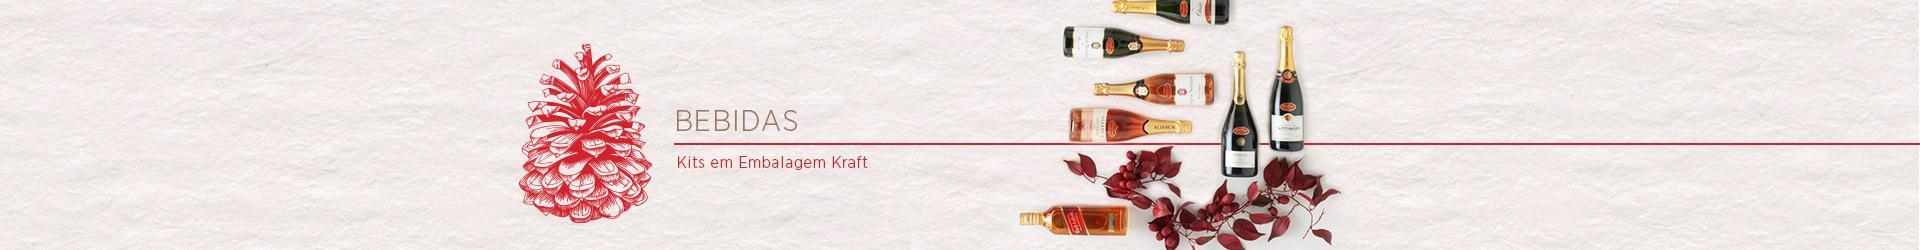 Linha kit bebidas